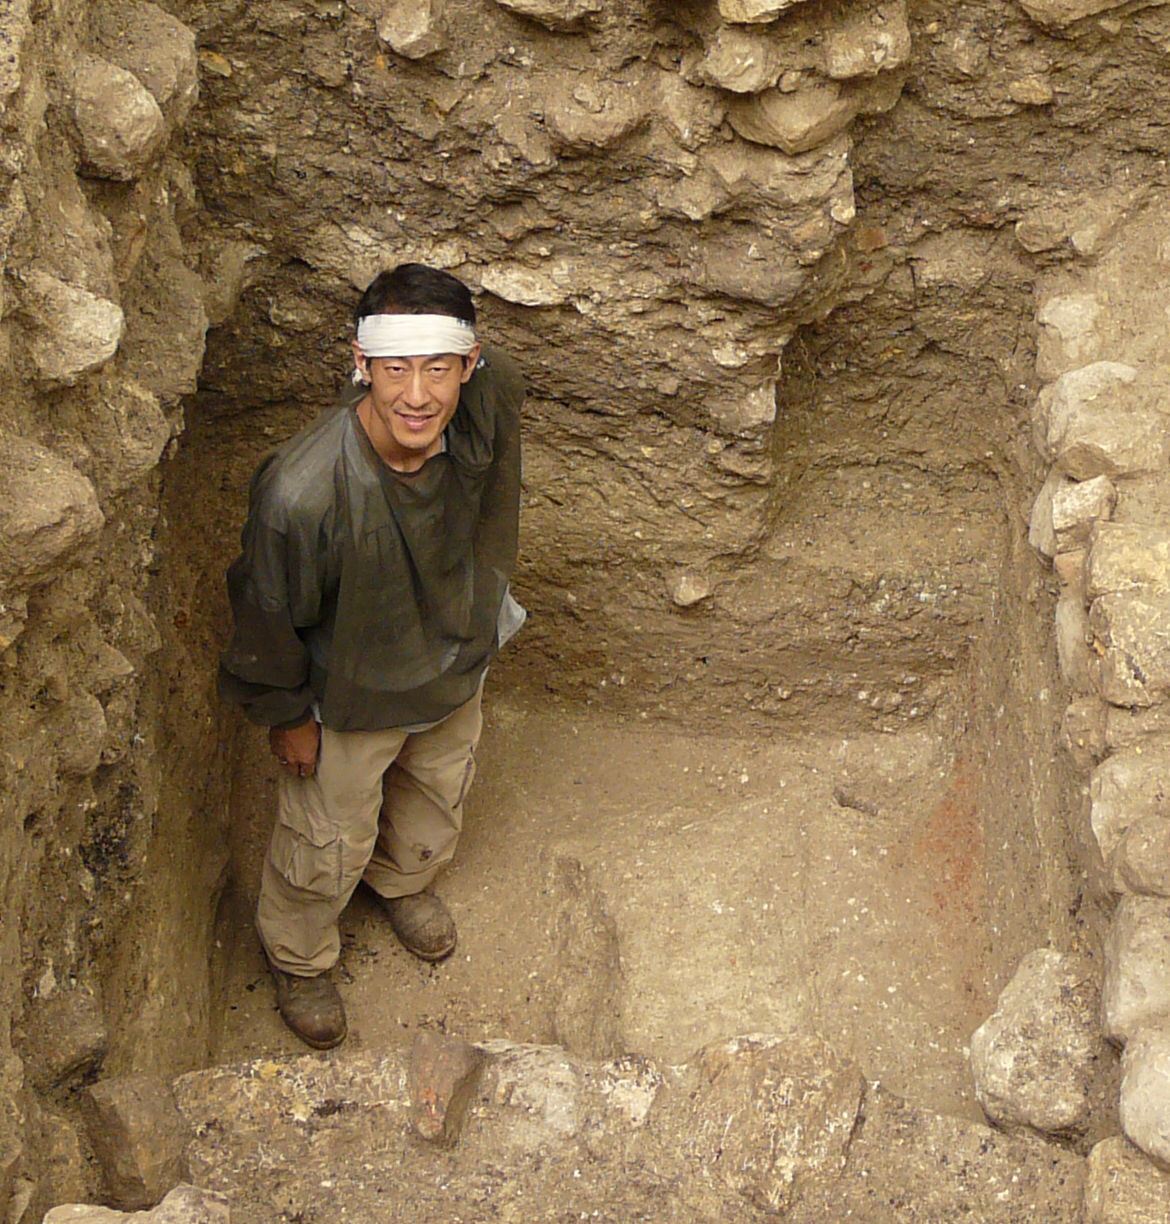 Using LiDAR to map Mayan ruins